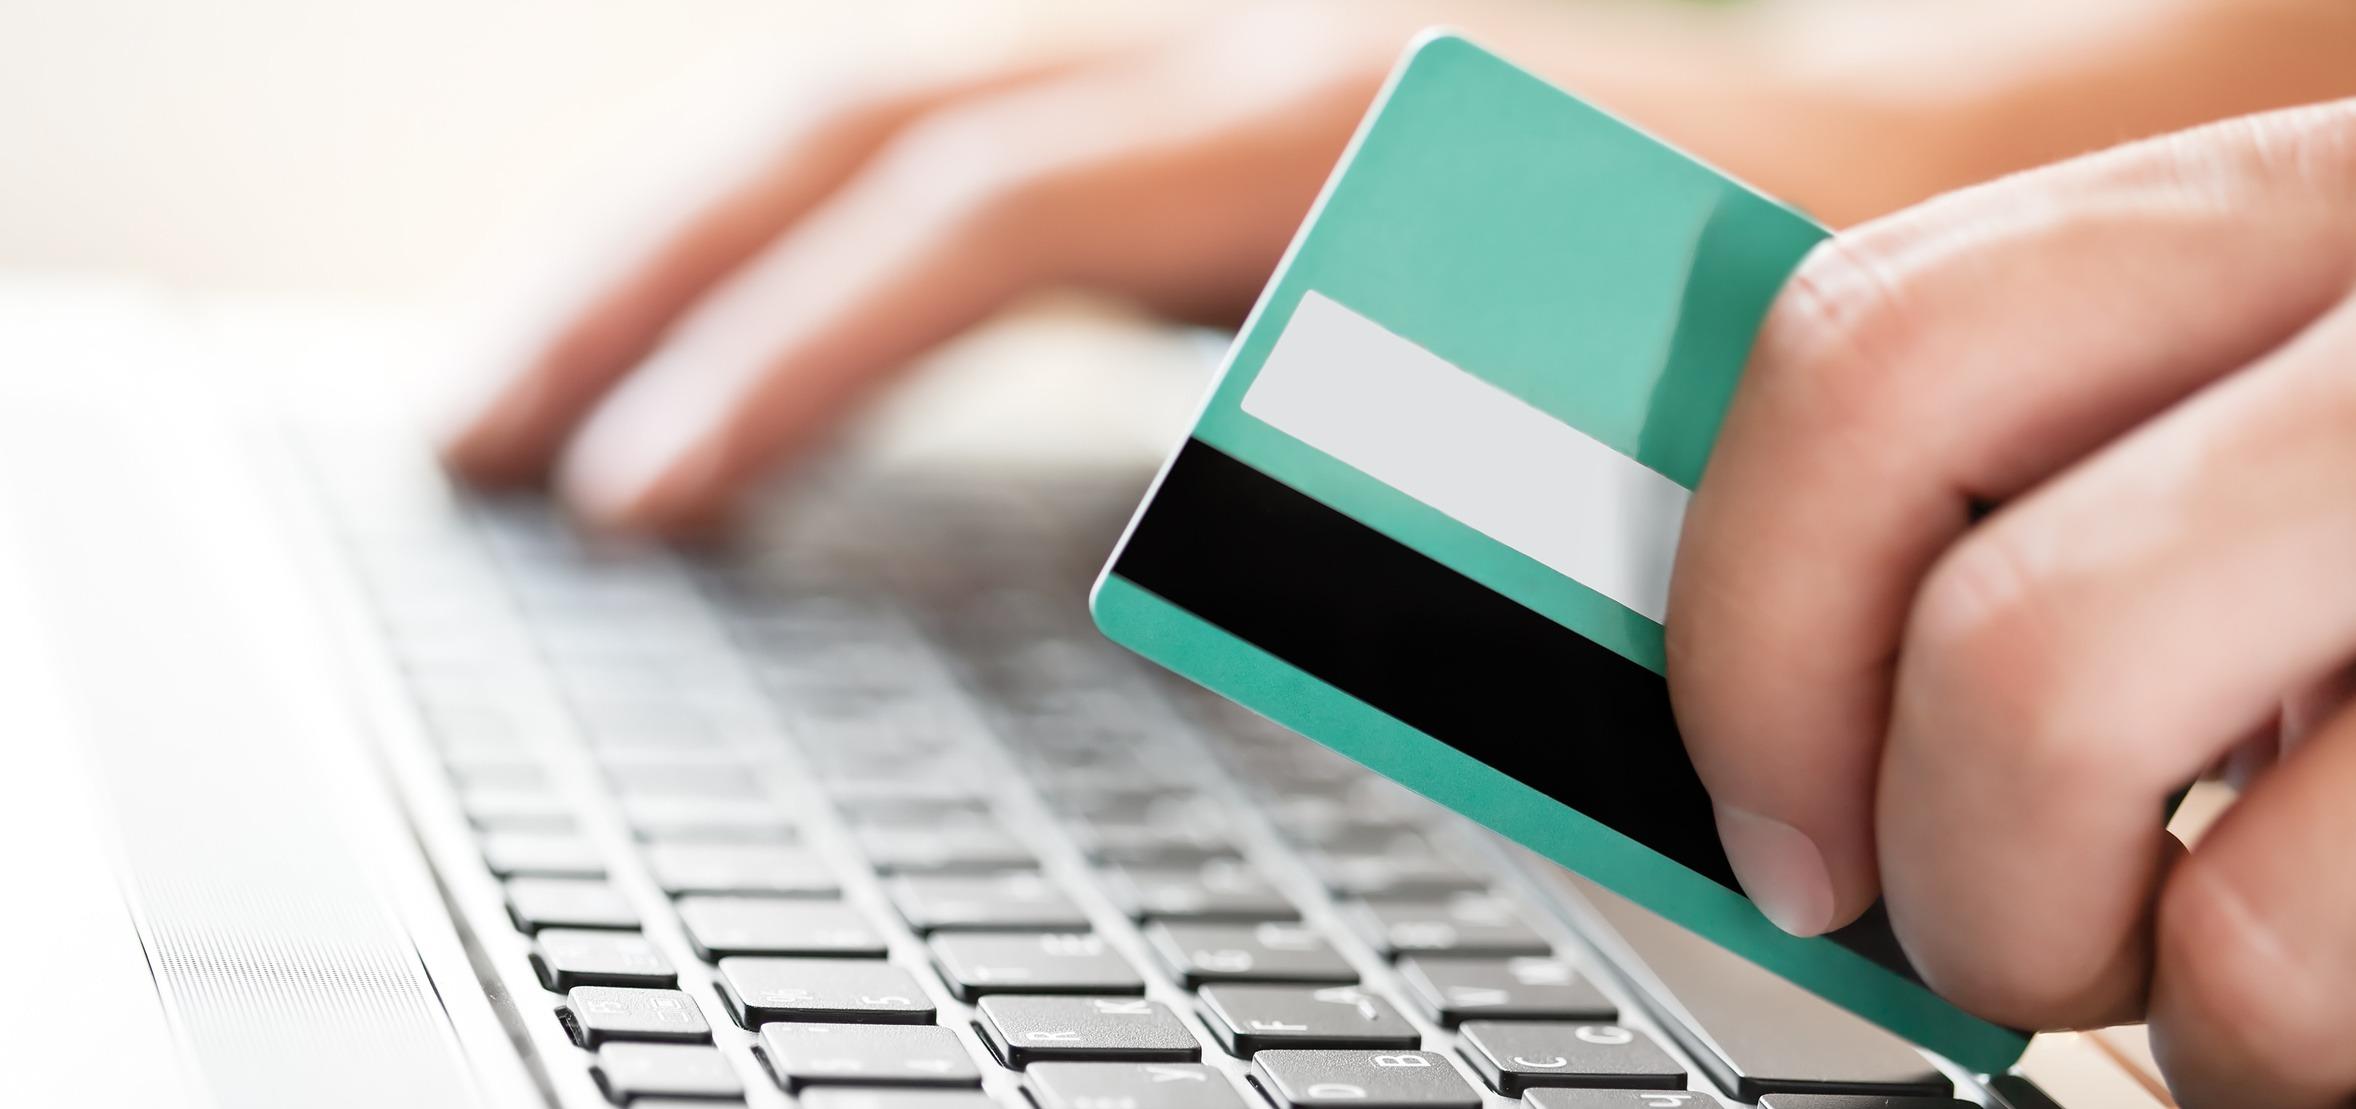 Cinco formas de controlar las compras compulsivas por internet